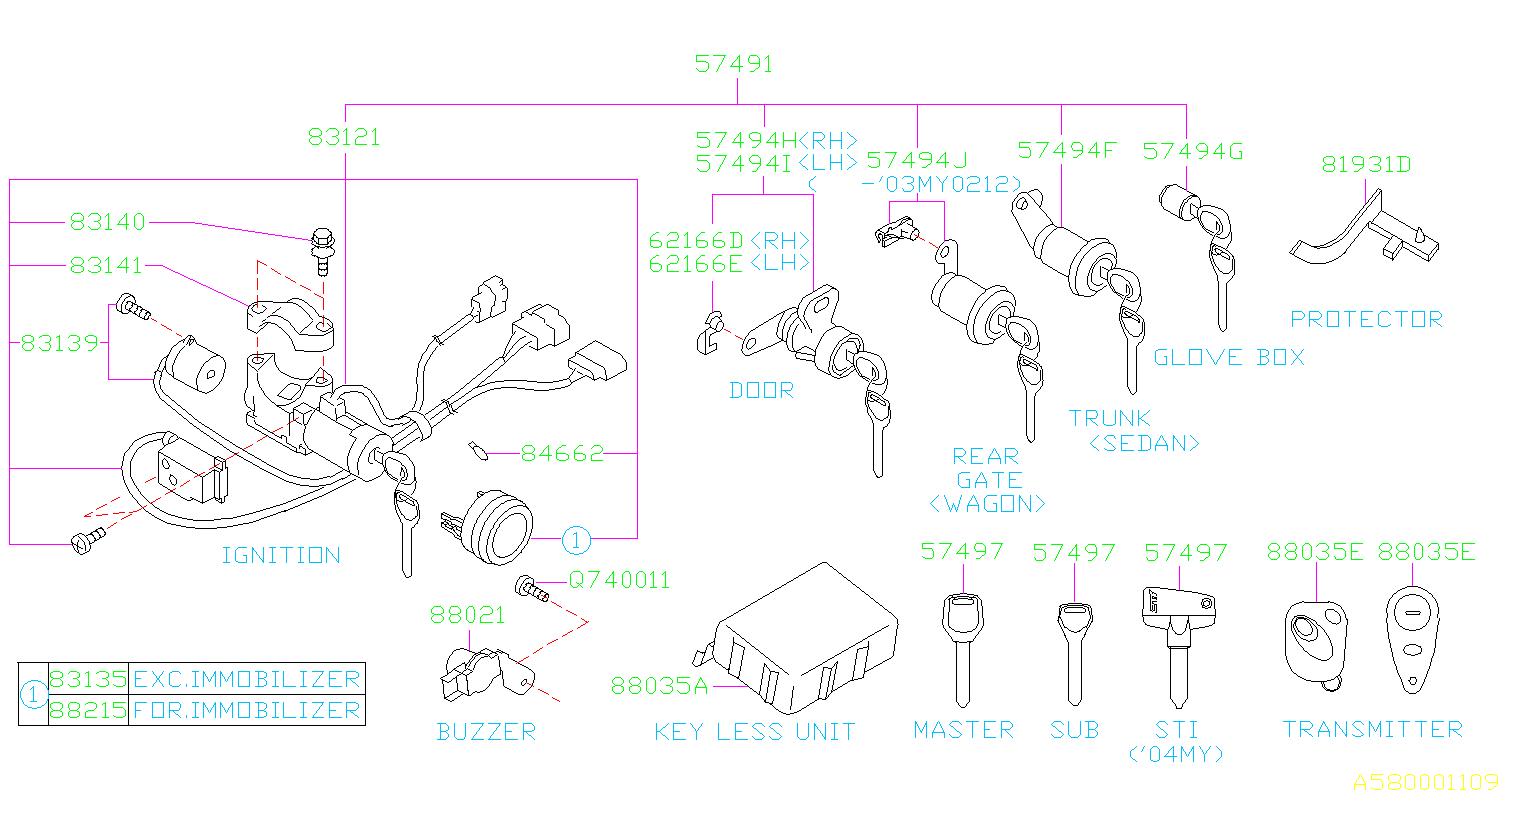 2004 Subaru Wrx Key Lock Set Door Left Kit Body